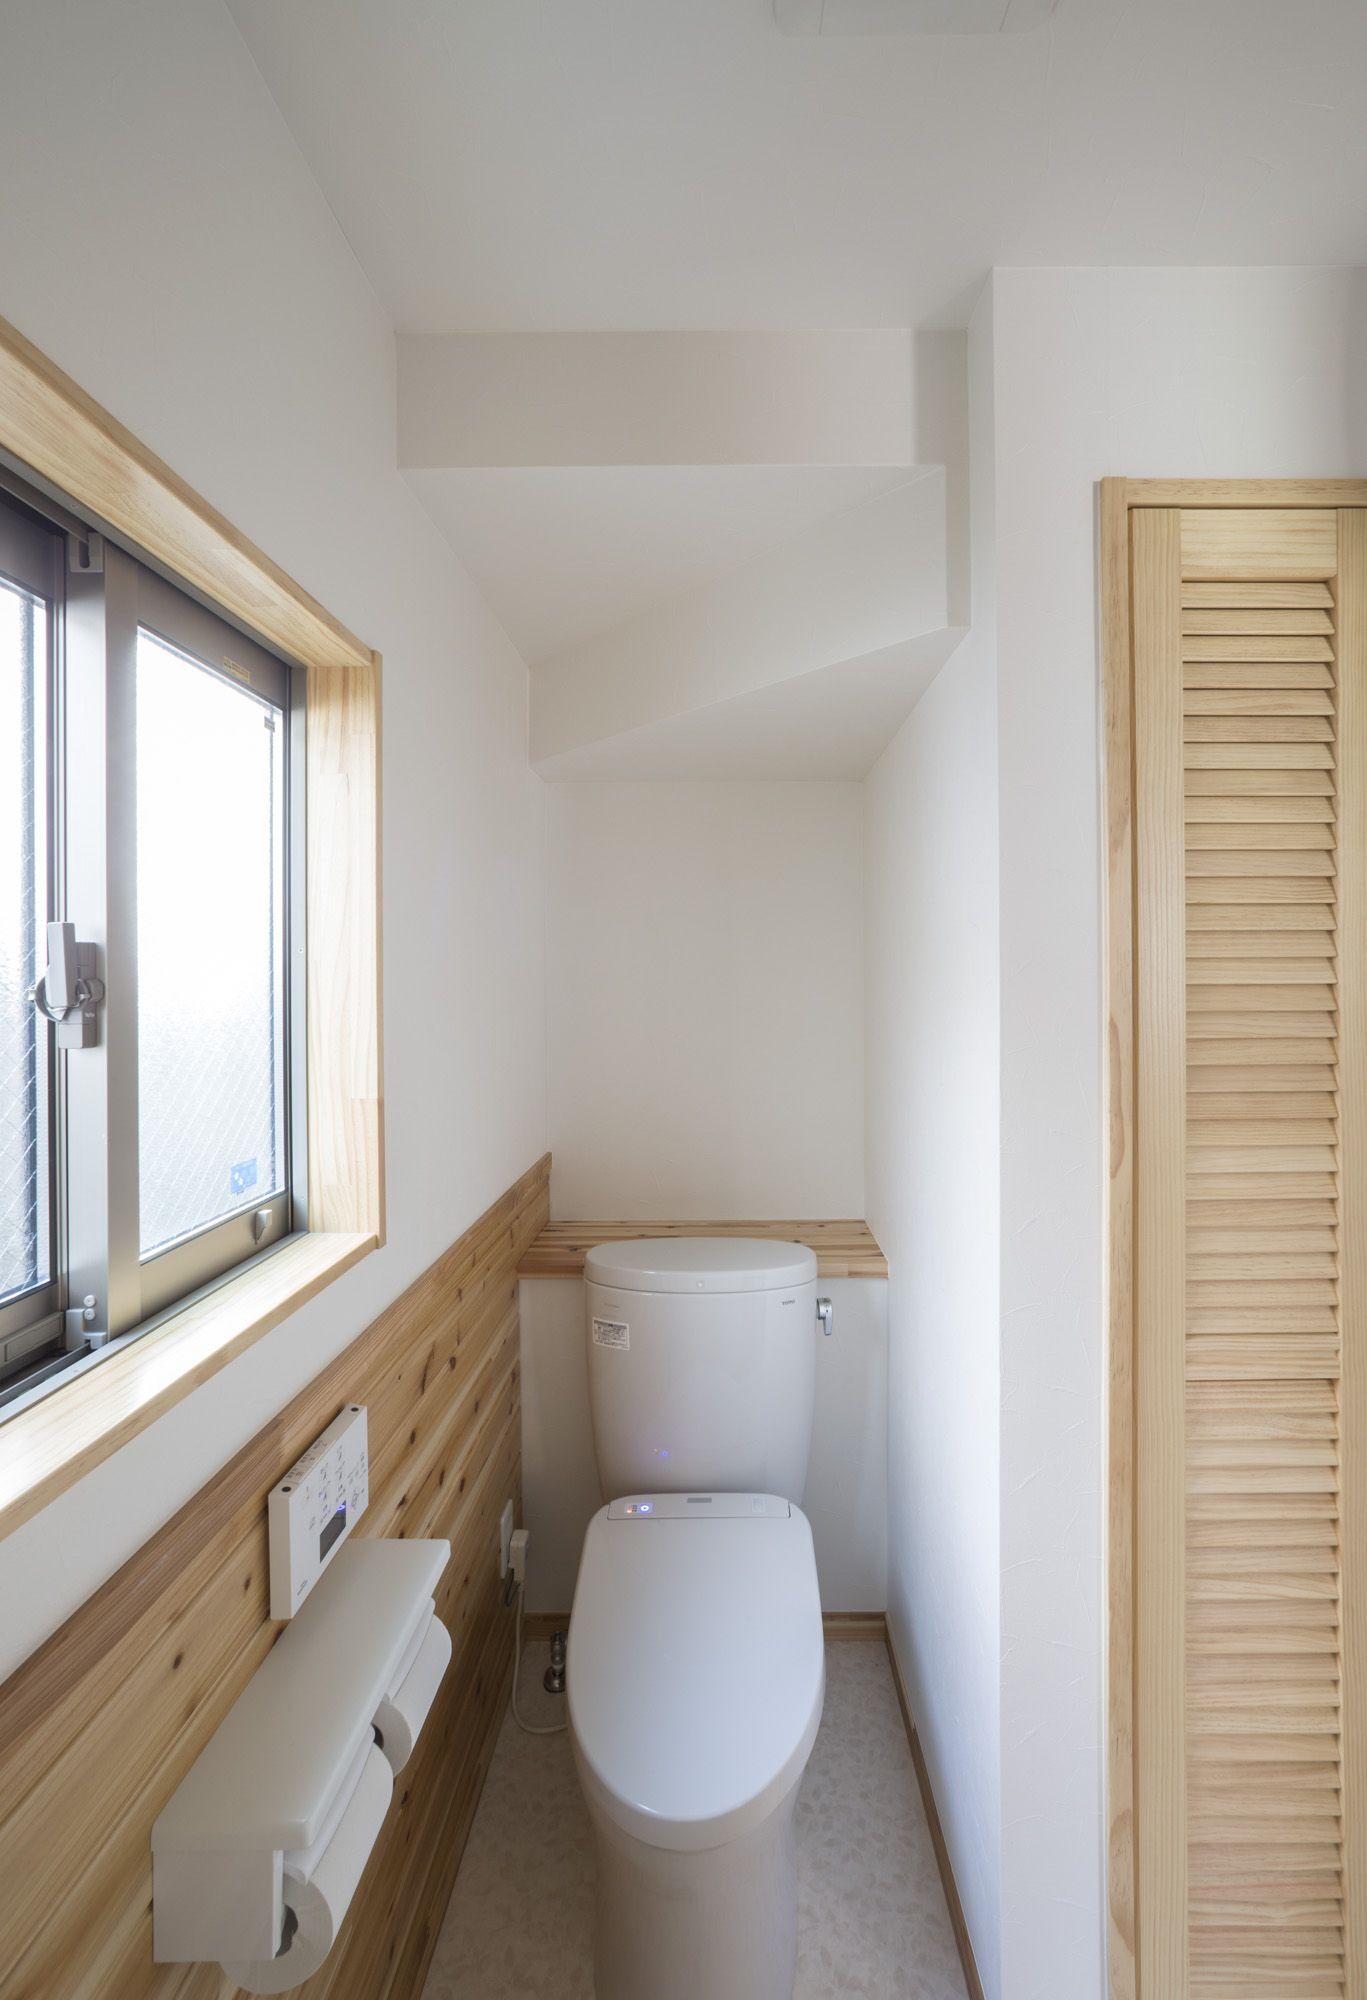 ミサワホームイングデザインリフォーム 長年憧れていたログハウス風の住まいをリノベーションで実現 トイレと洗面脱衣室を一体化することでコンパクトながら開放感を備えたサニタリーになりました トイレは階段下の少し奥まったところにあり 洗面とは腰壁で仕切る